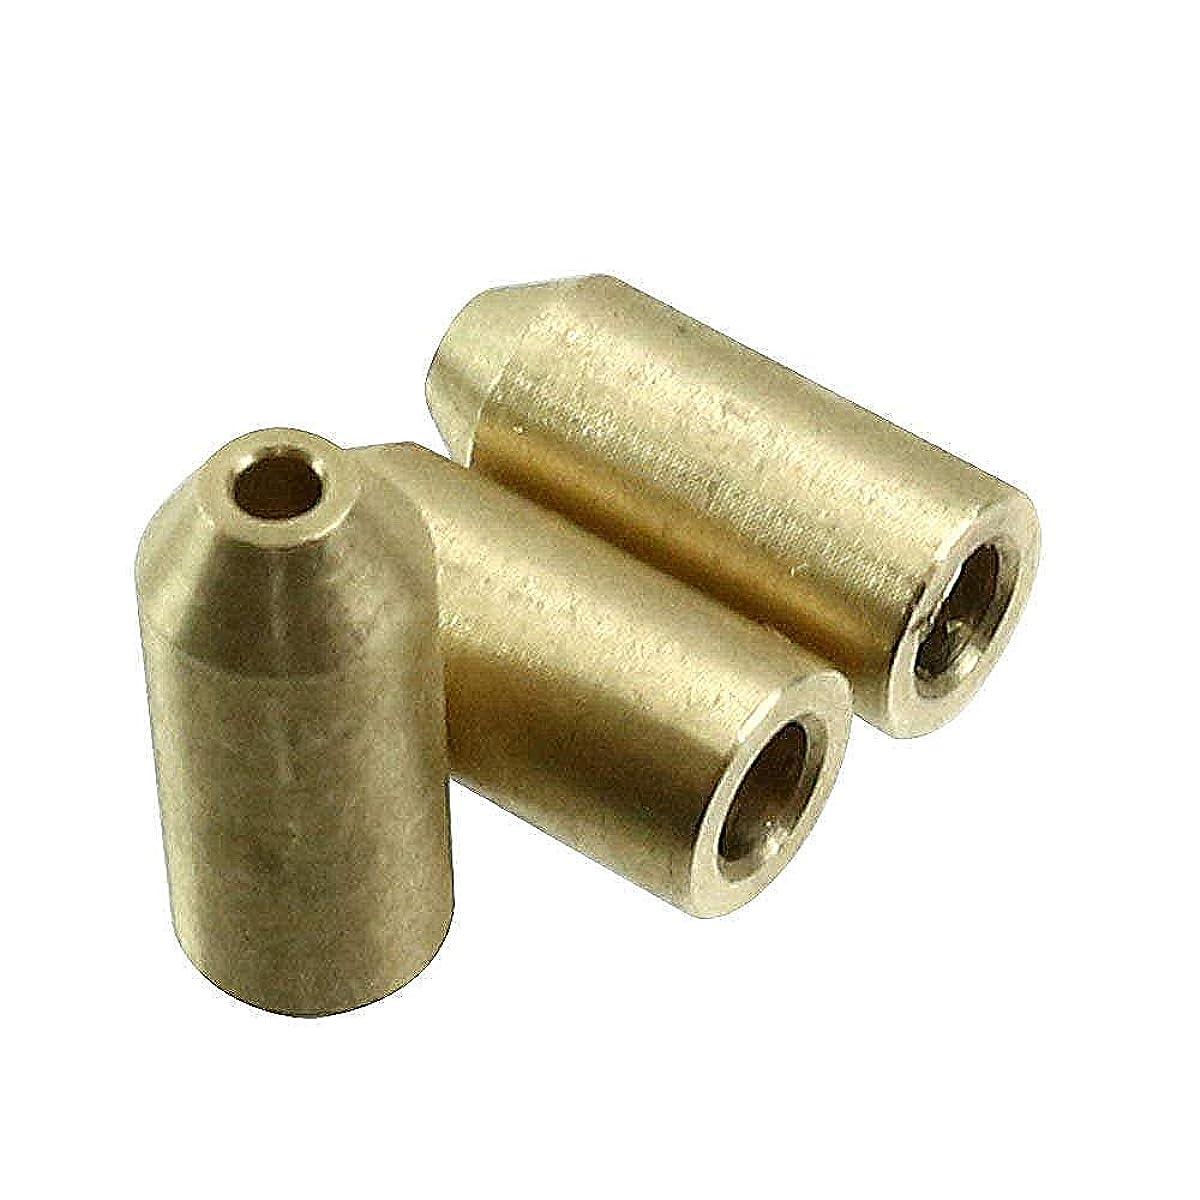 膿瘍同性愛者ライオンHomewineasy デュポン用 ライターガス 注入 変換アダプター 汎用 真鍮製 3個セット